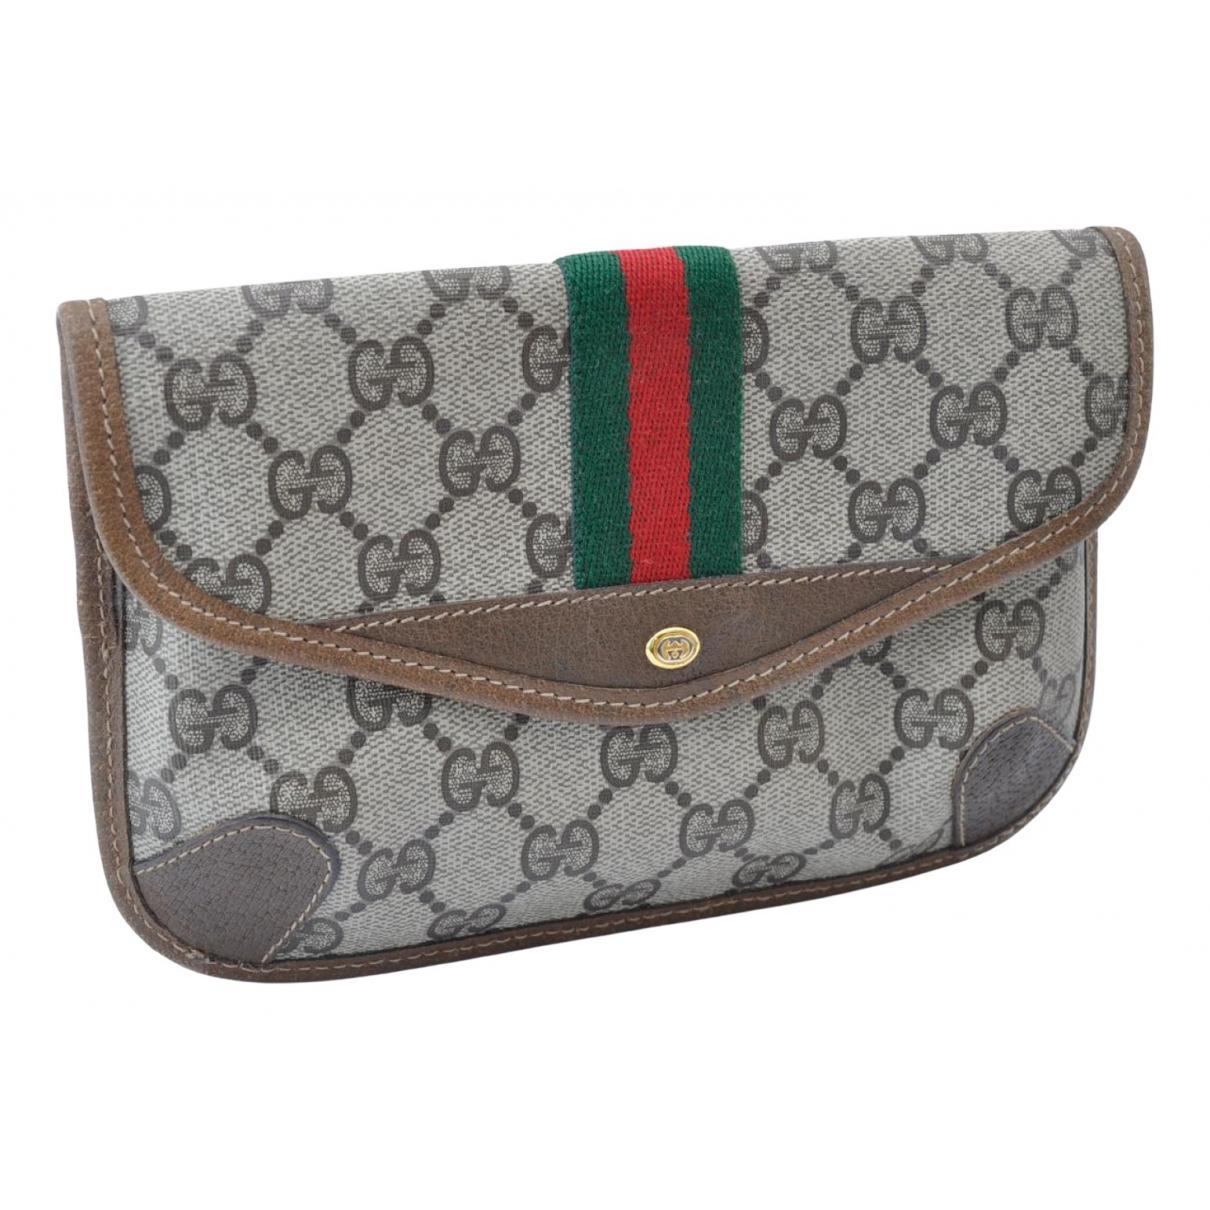 Gucci - Pochette Ophidia pour femme en toile - marron